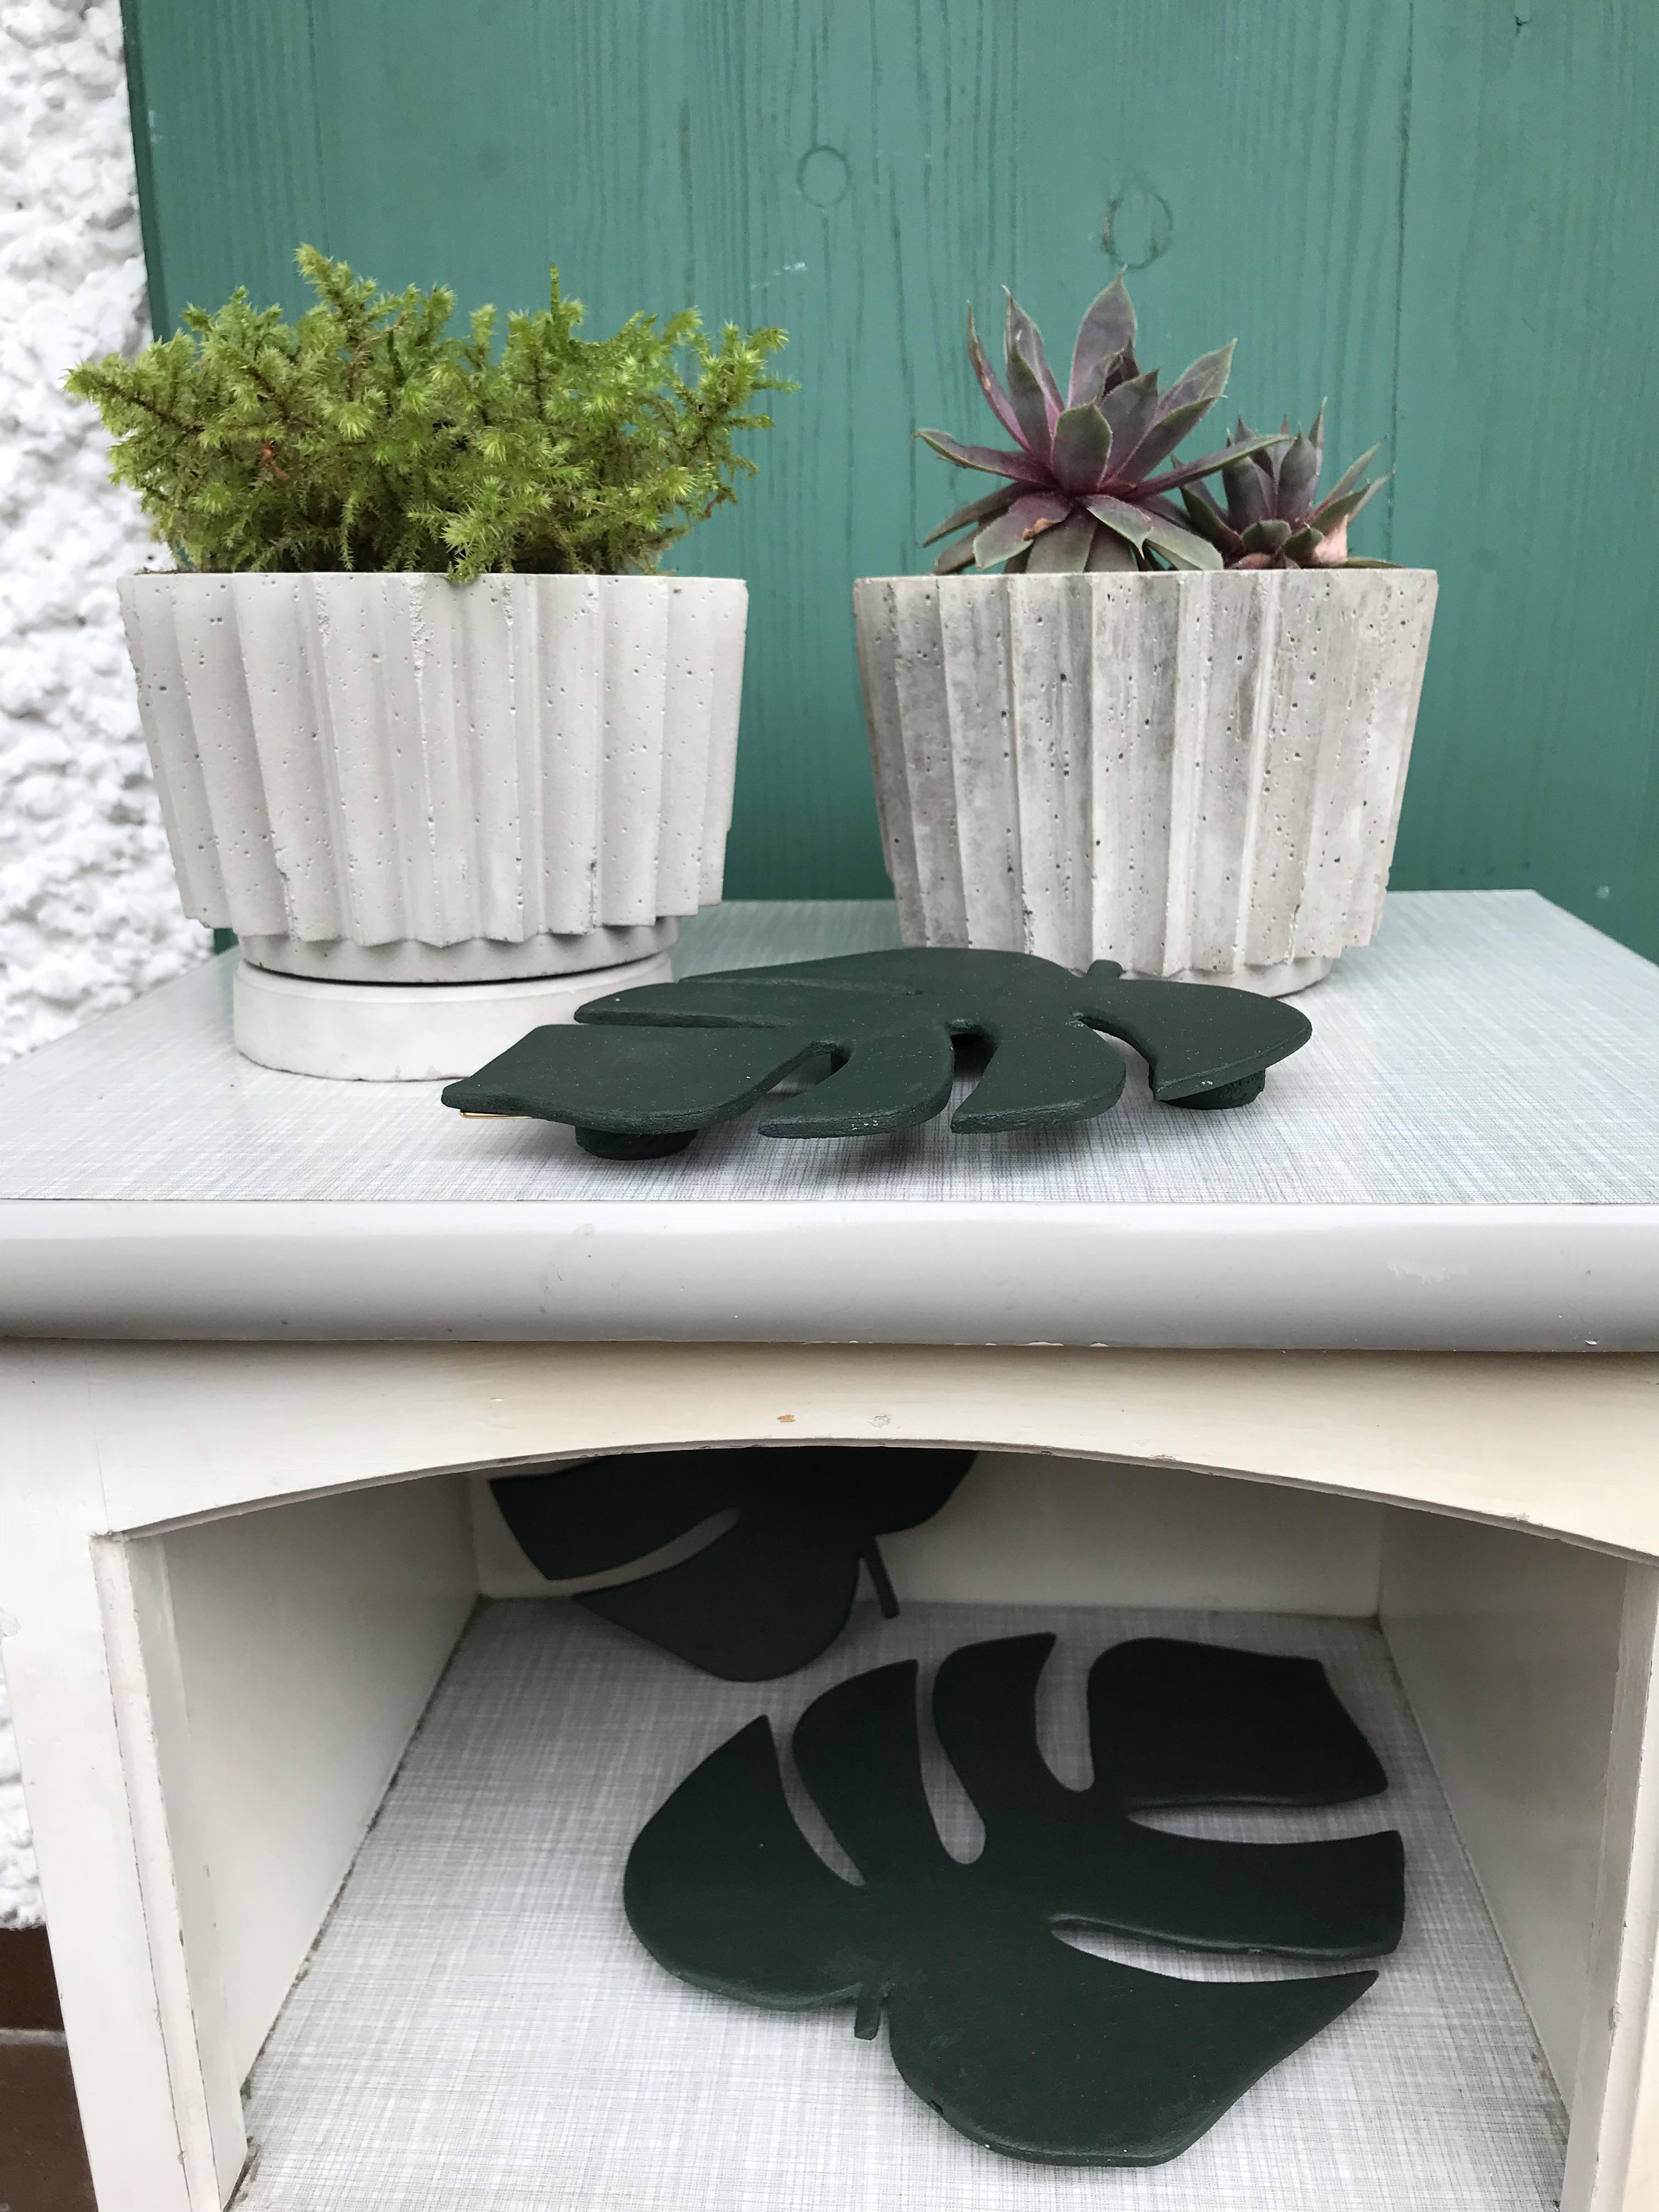 Blumentopf aus Beton in Origamioptik , Beton, DIY, Blumentopf selber machen. #Blumentopf, #Chalet8